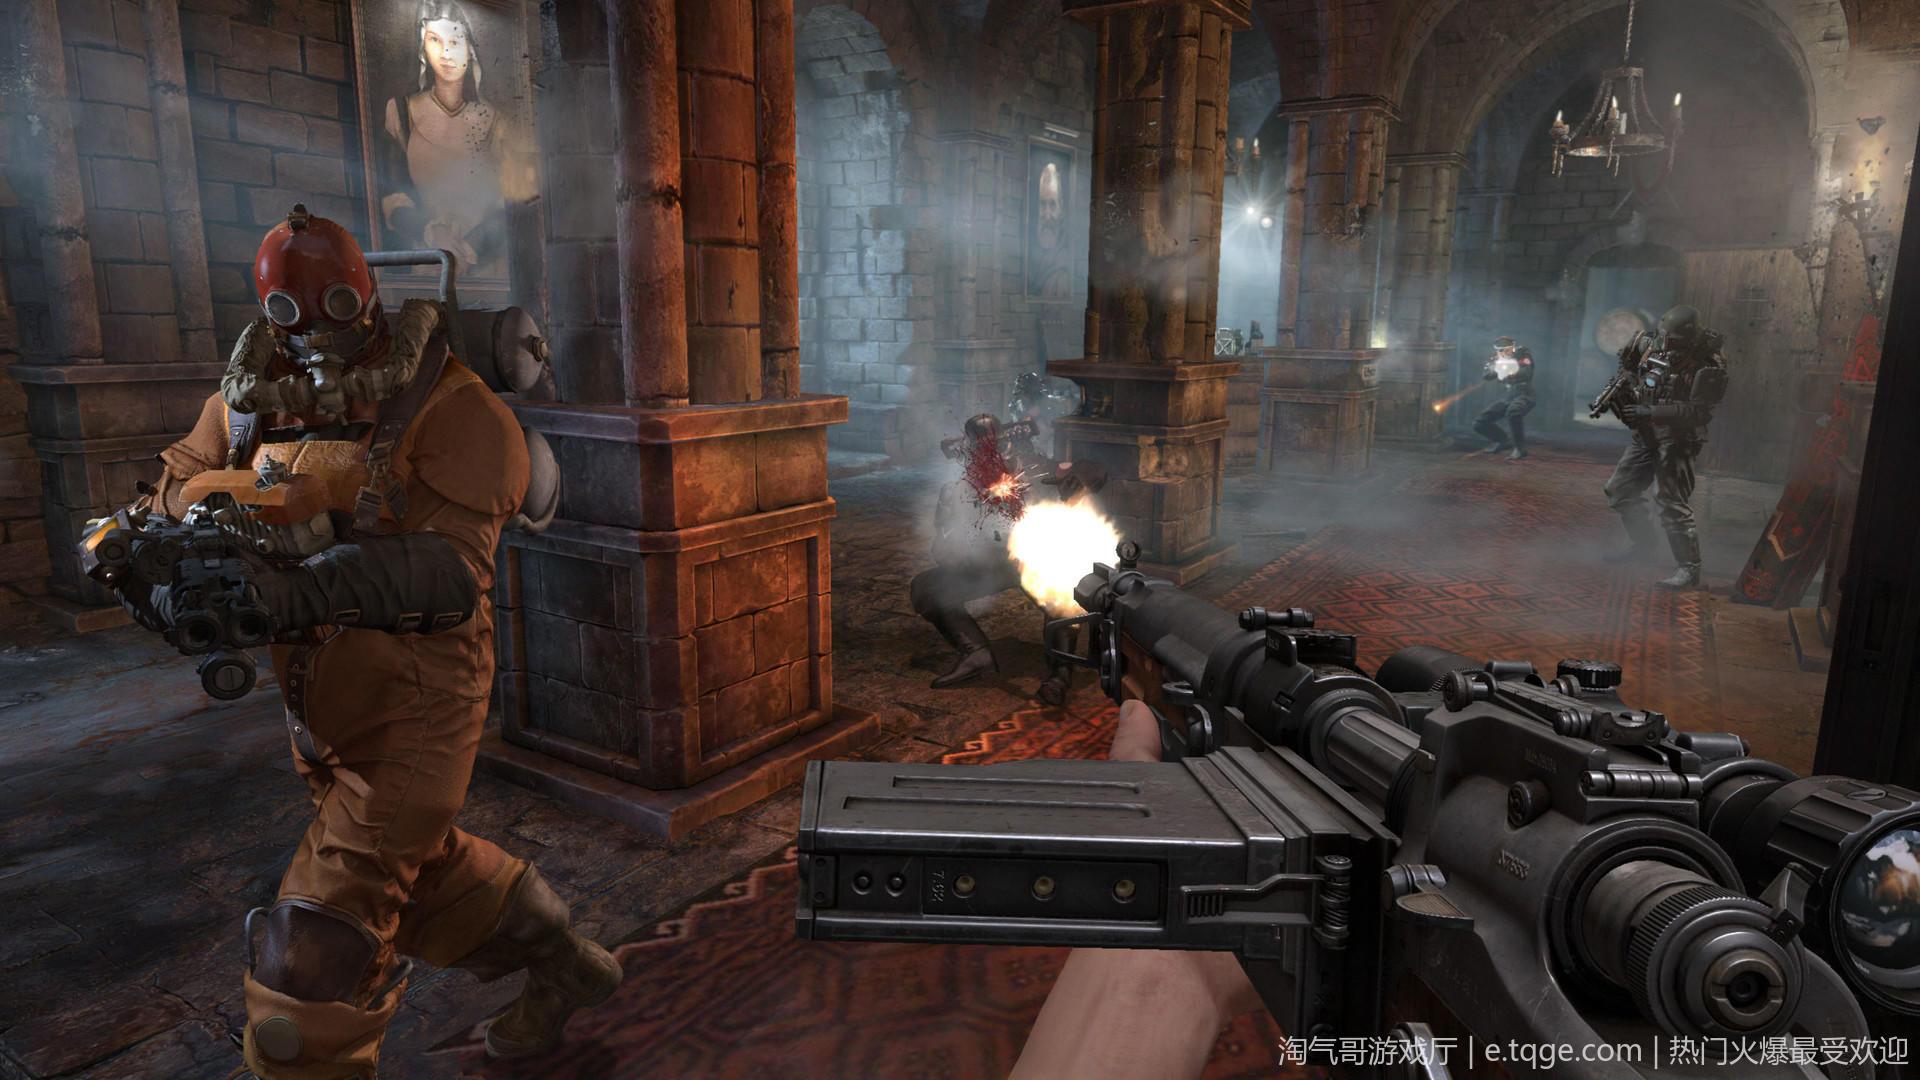 德军总部:旧血脉 射击游戏 第8张